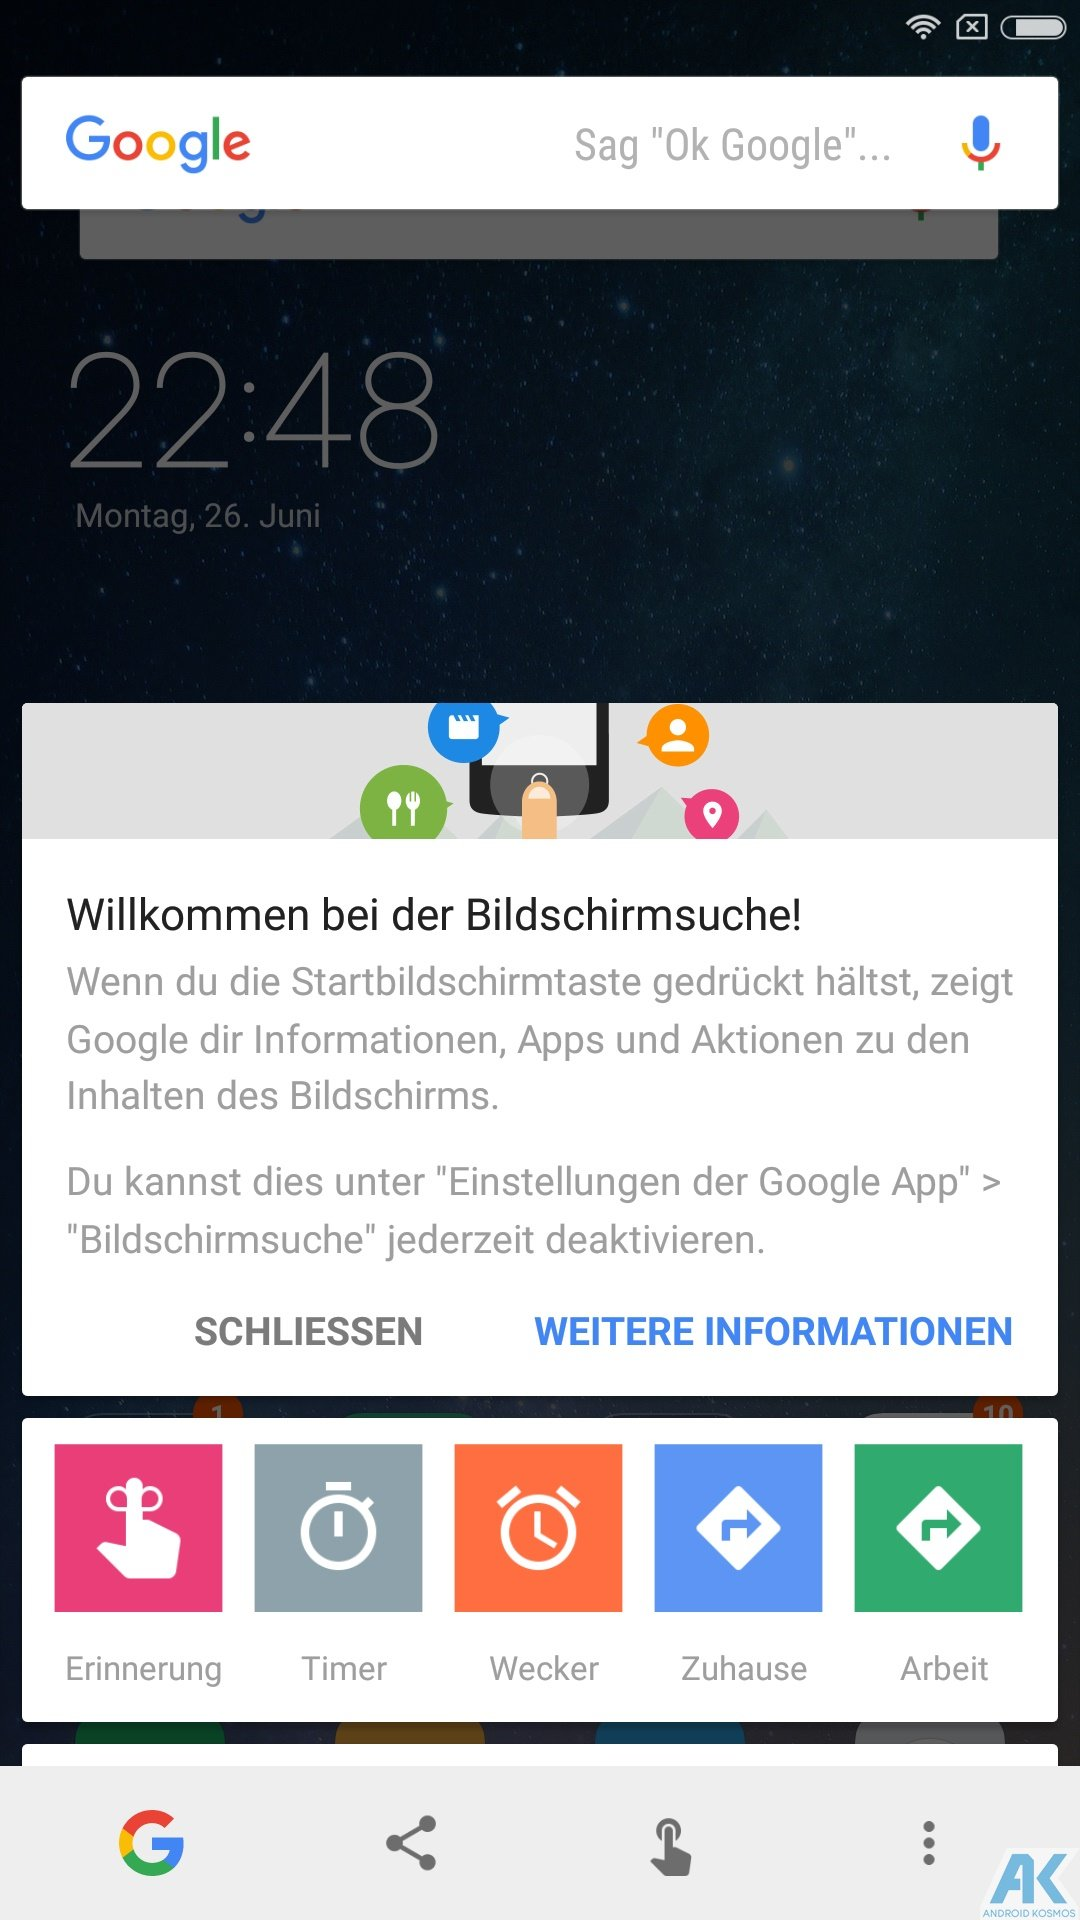 Xiaomi Mi Max 2 Test: Das Phablet ist ein wahrer Akkugigant 40